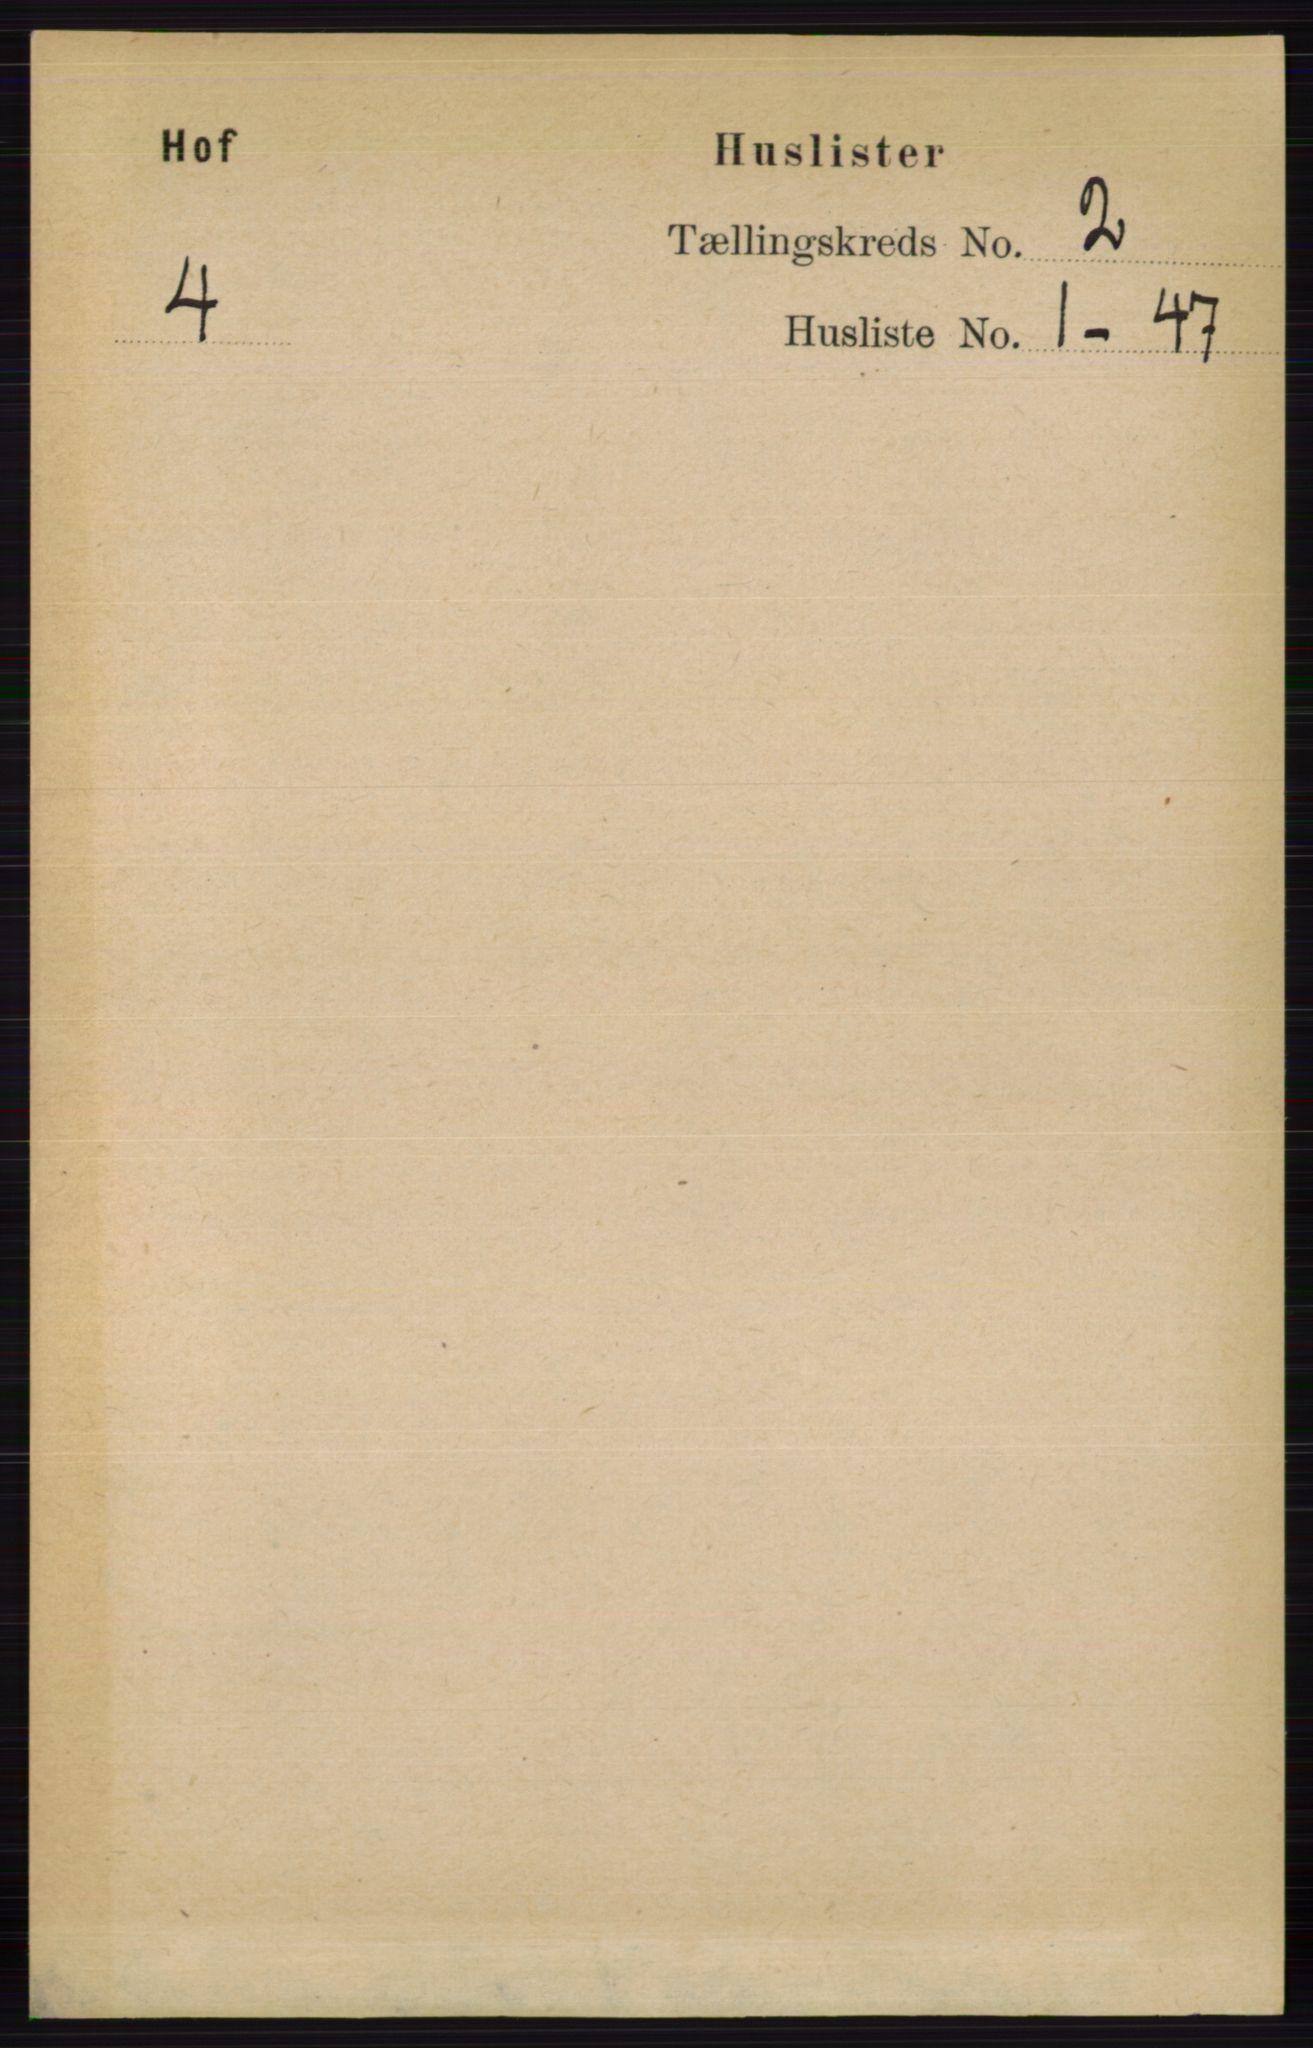 RA, Folketelling 1891 for 0424 Hof herred, 1891, s. 406